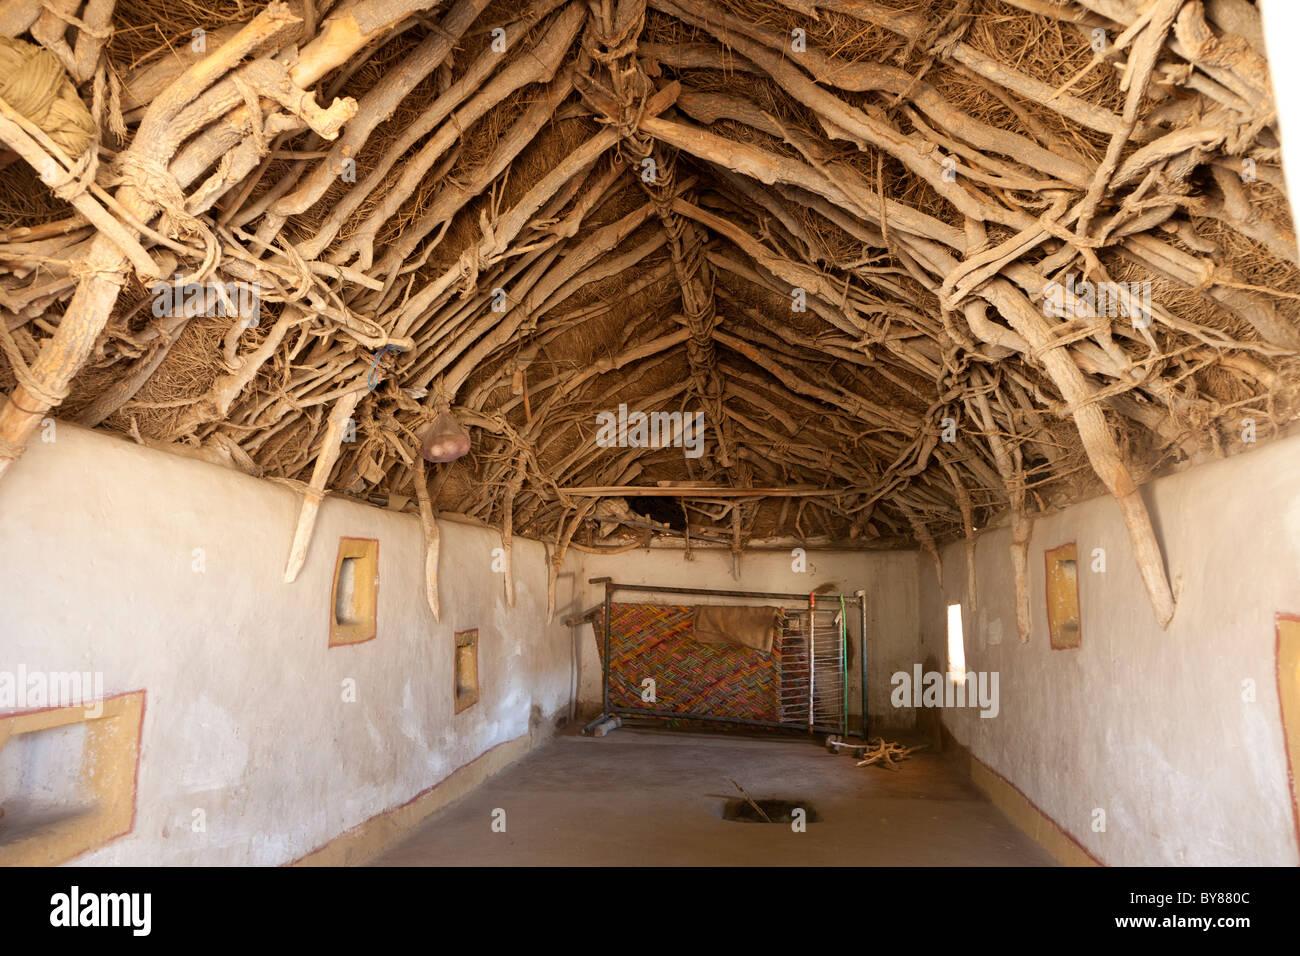 L'Inde, Rajasthan, désert du Thar, intérieur de maison traditionnelle méthode de construction Photo Stock